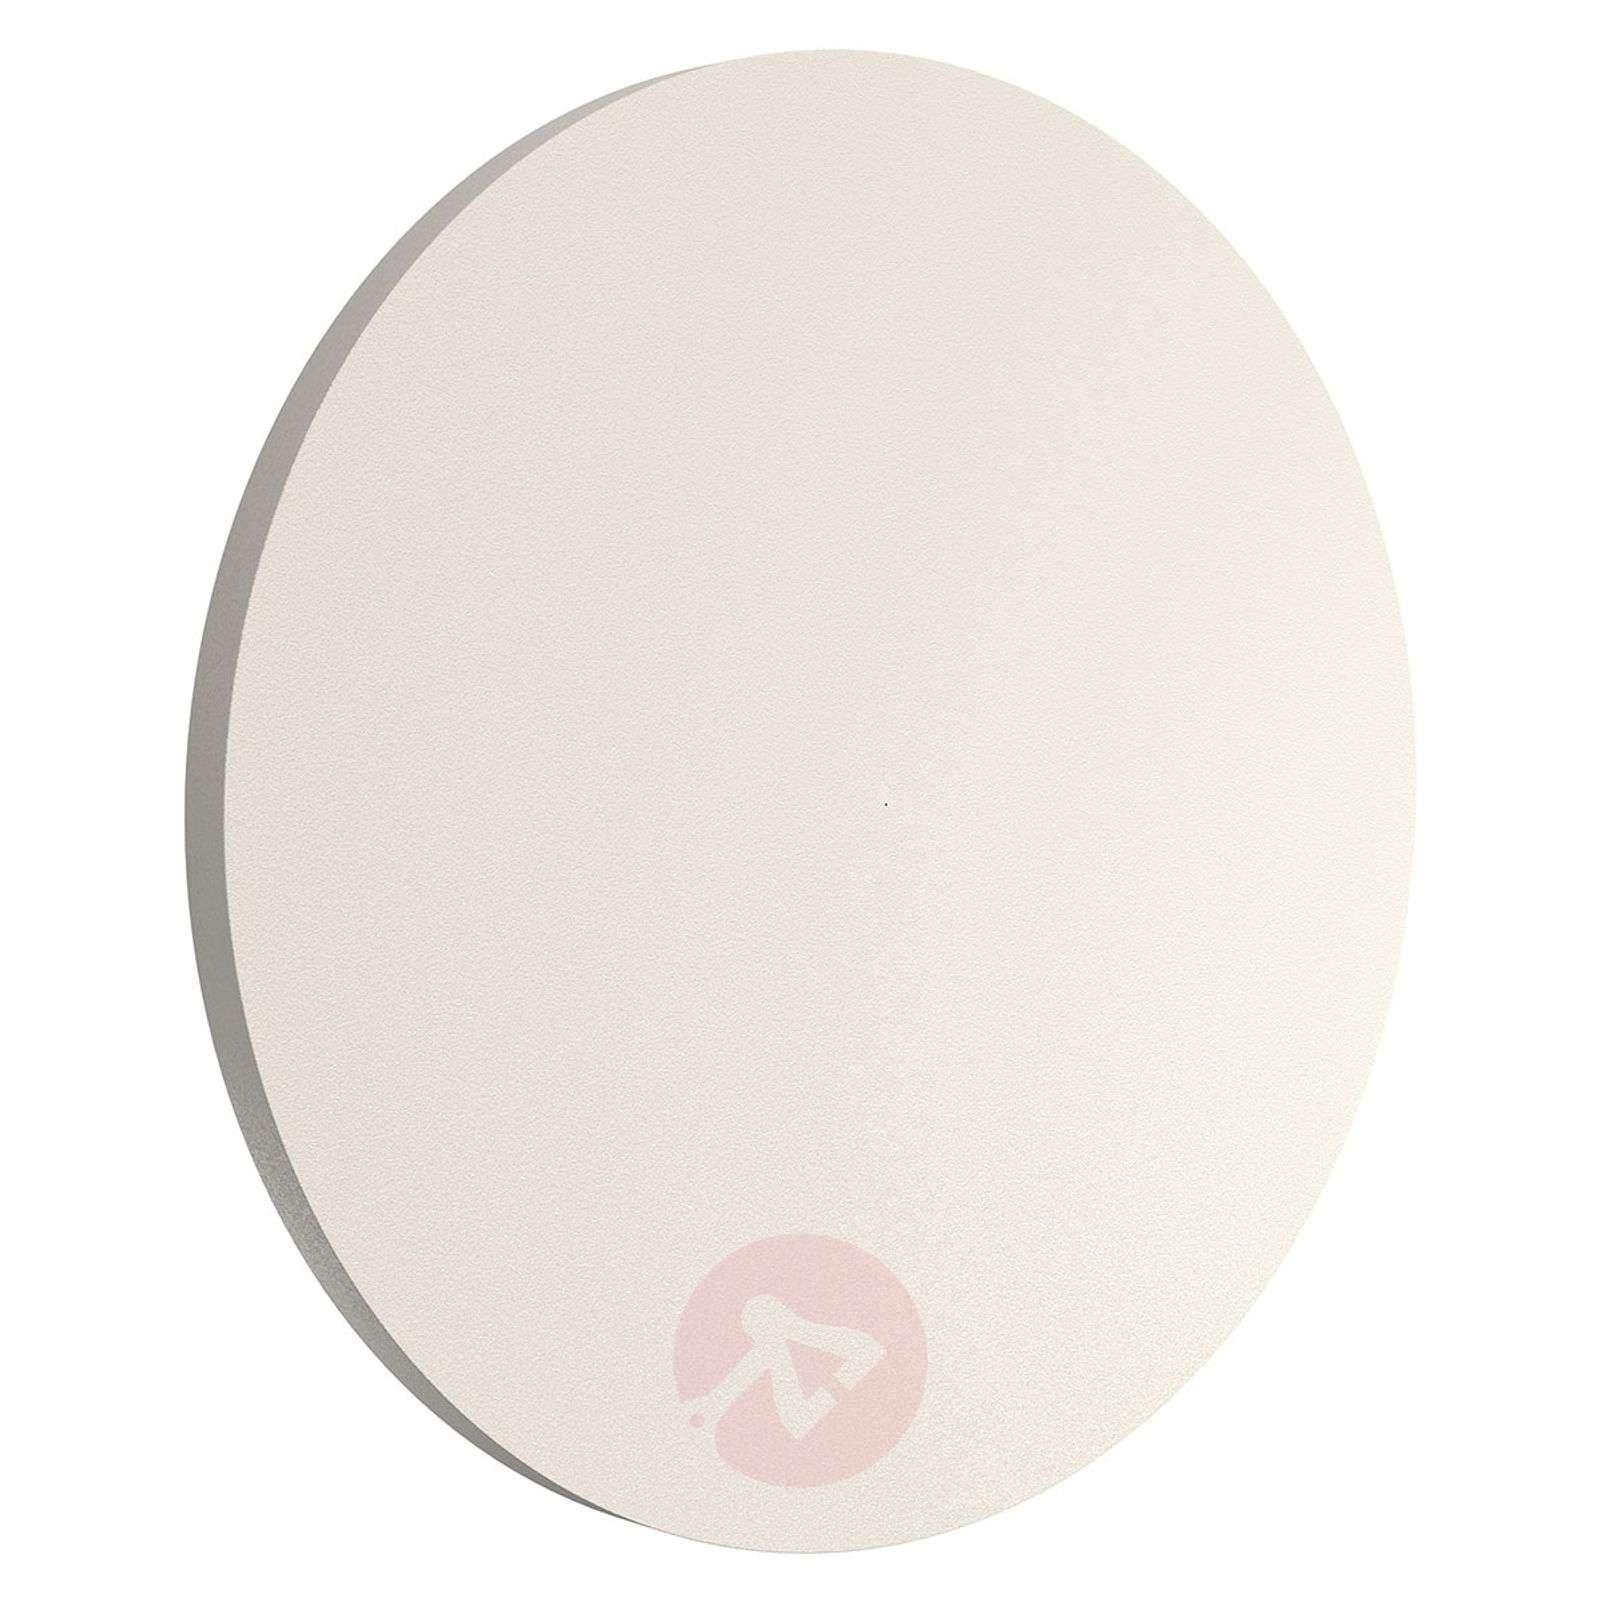 Camouflage 240 – LED-seinävalo ulkokäyttöön-3510403X-01